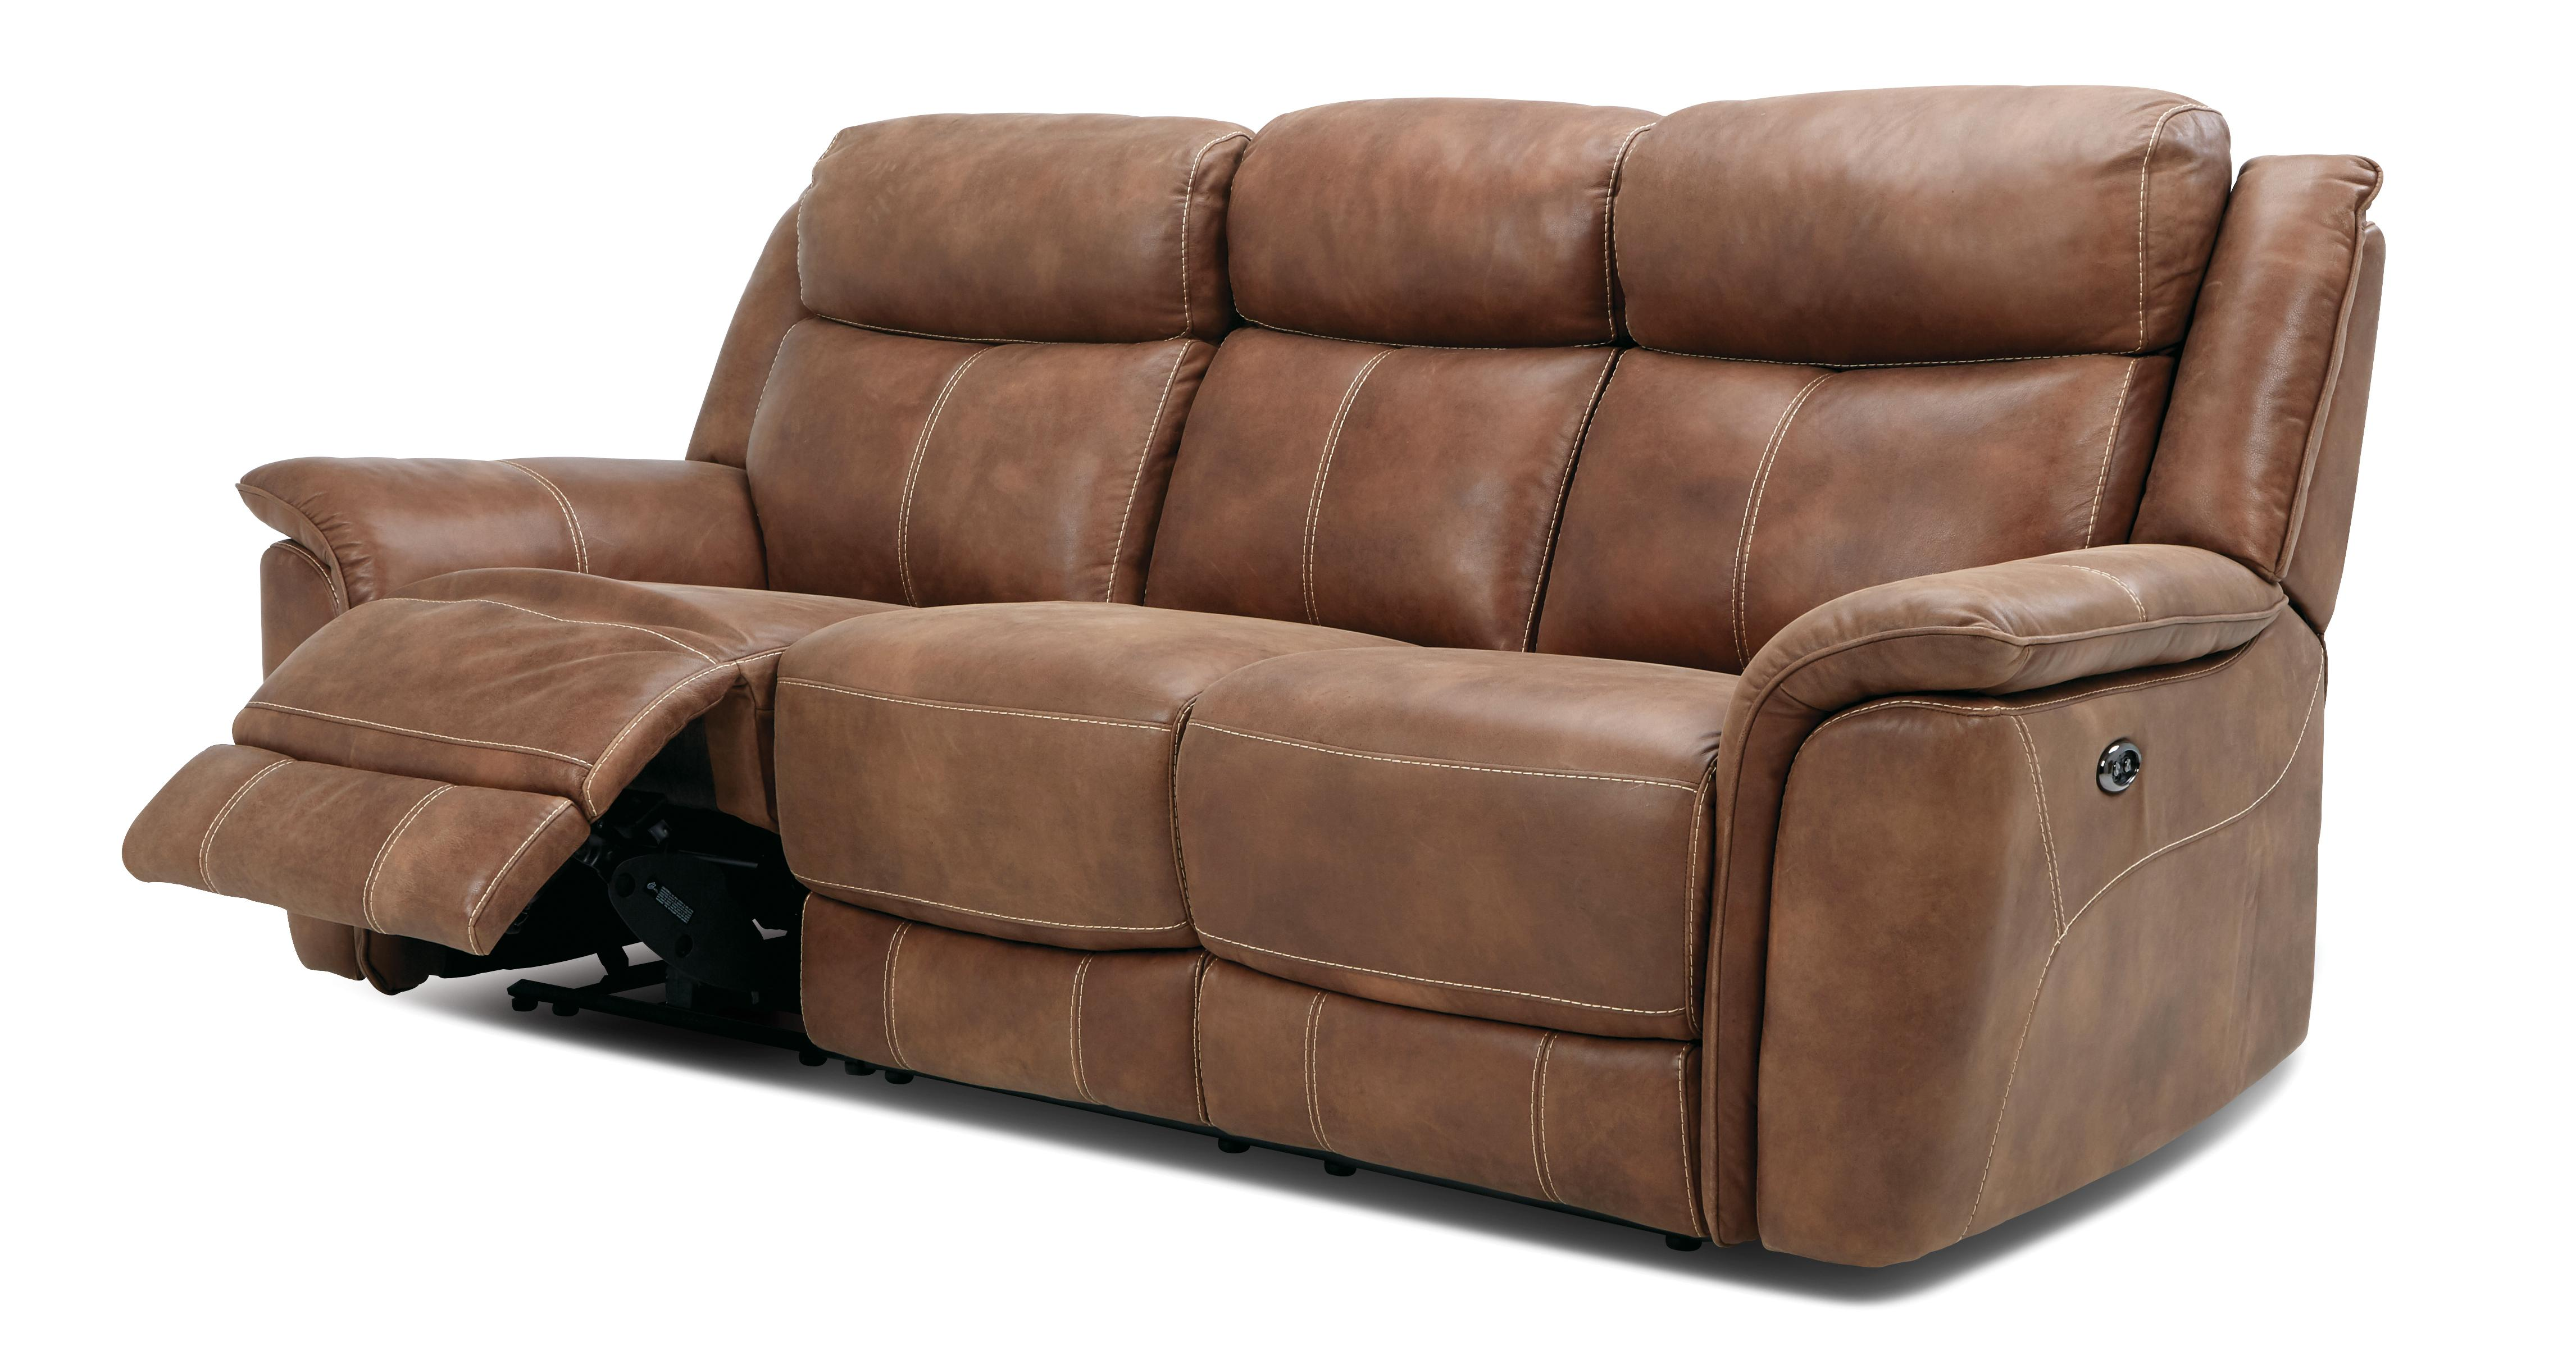 Dallas 3 Seater Sofa Heritage | DFS